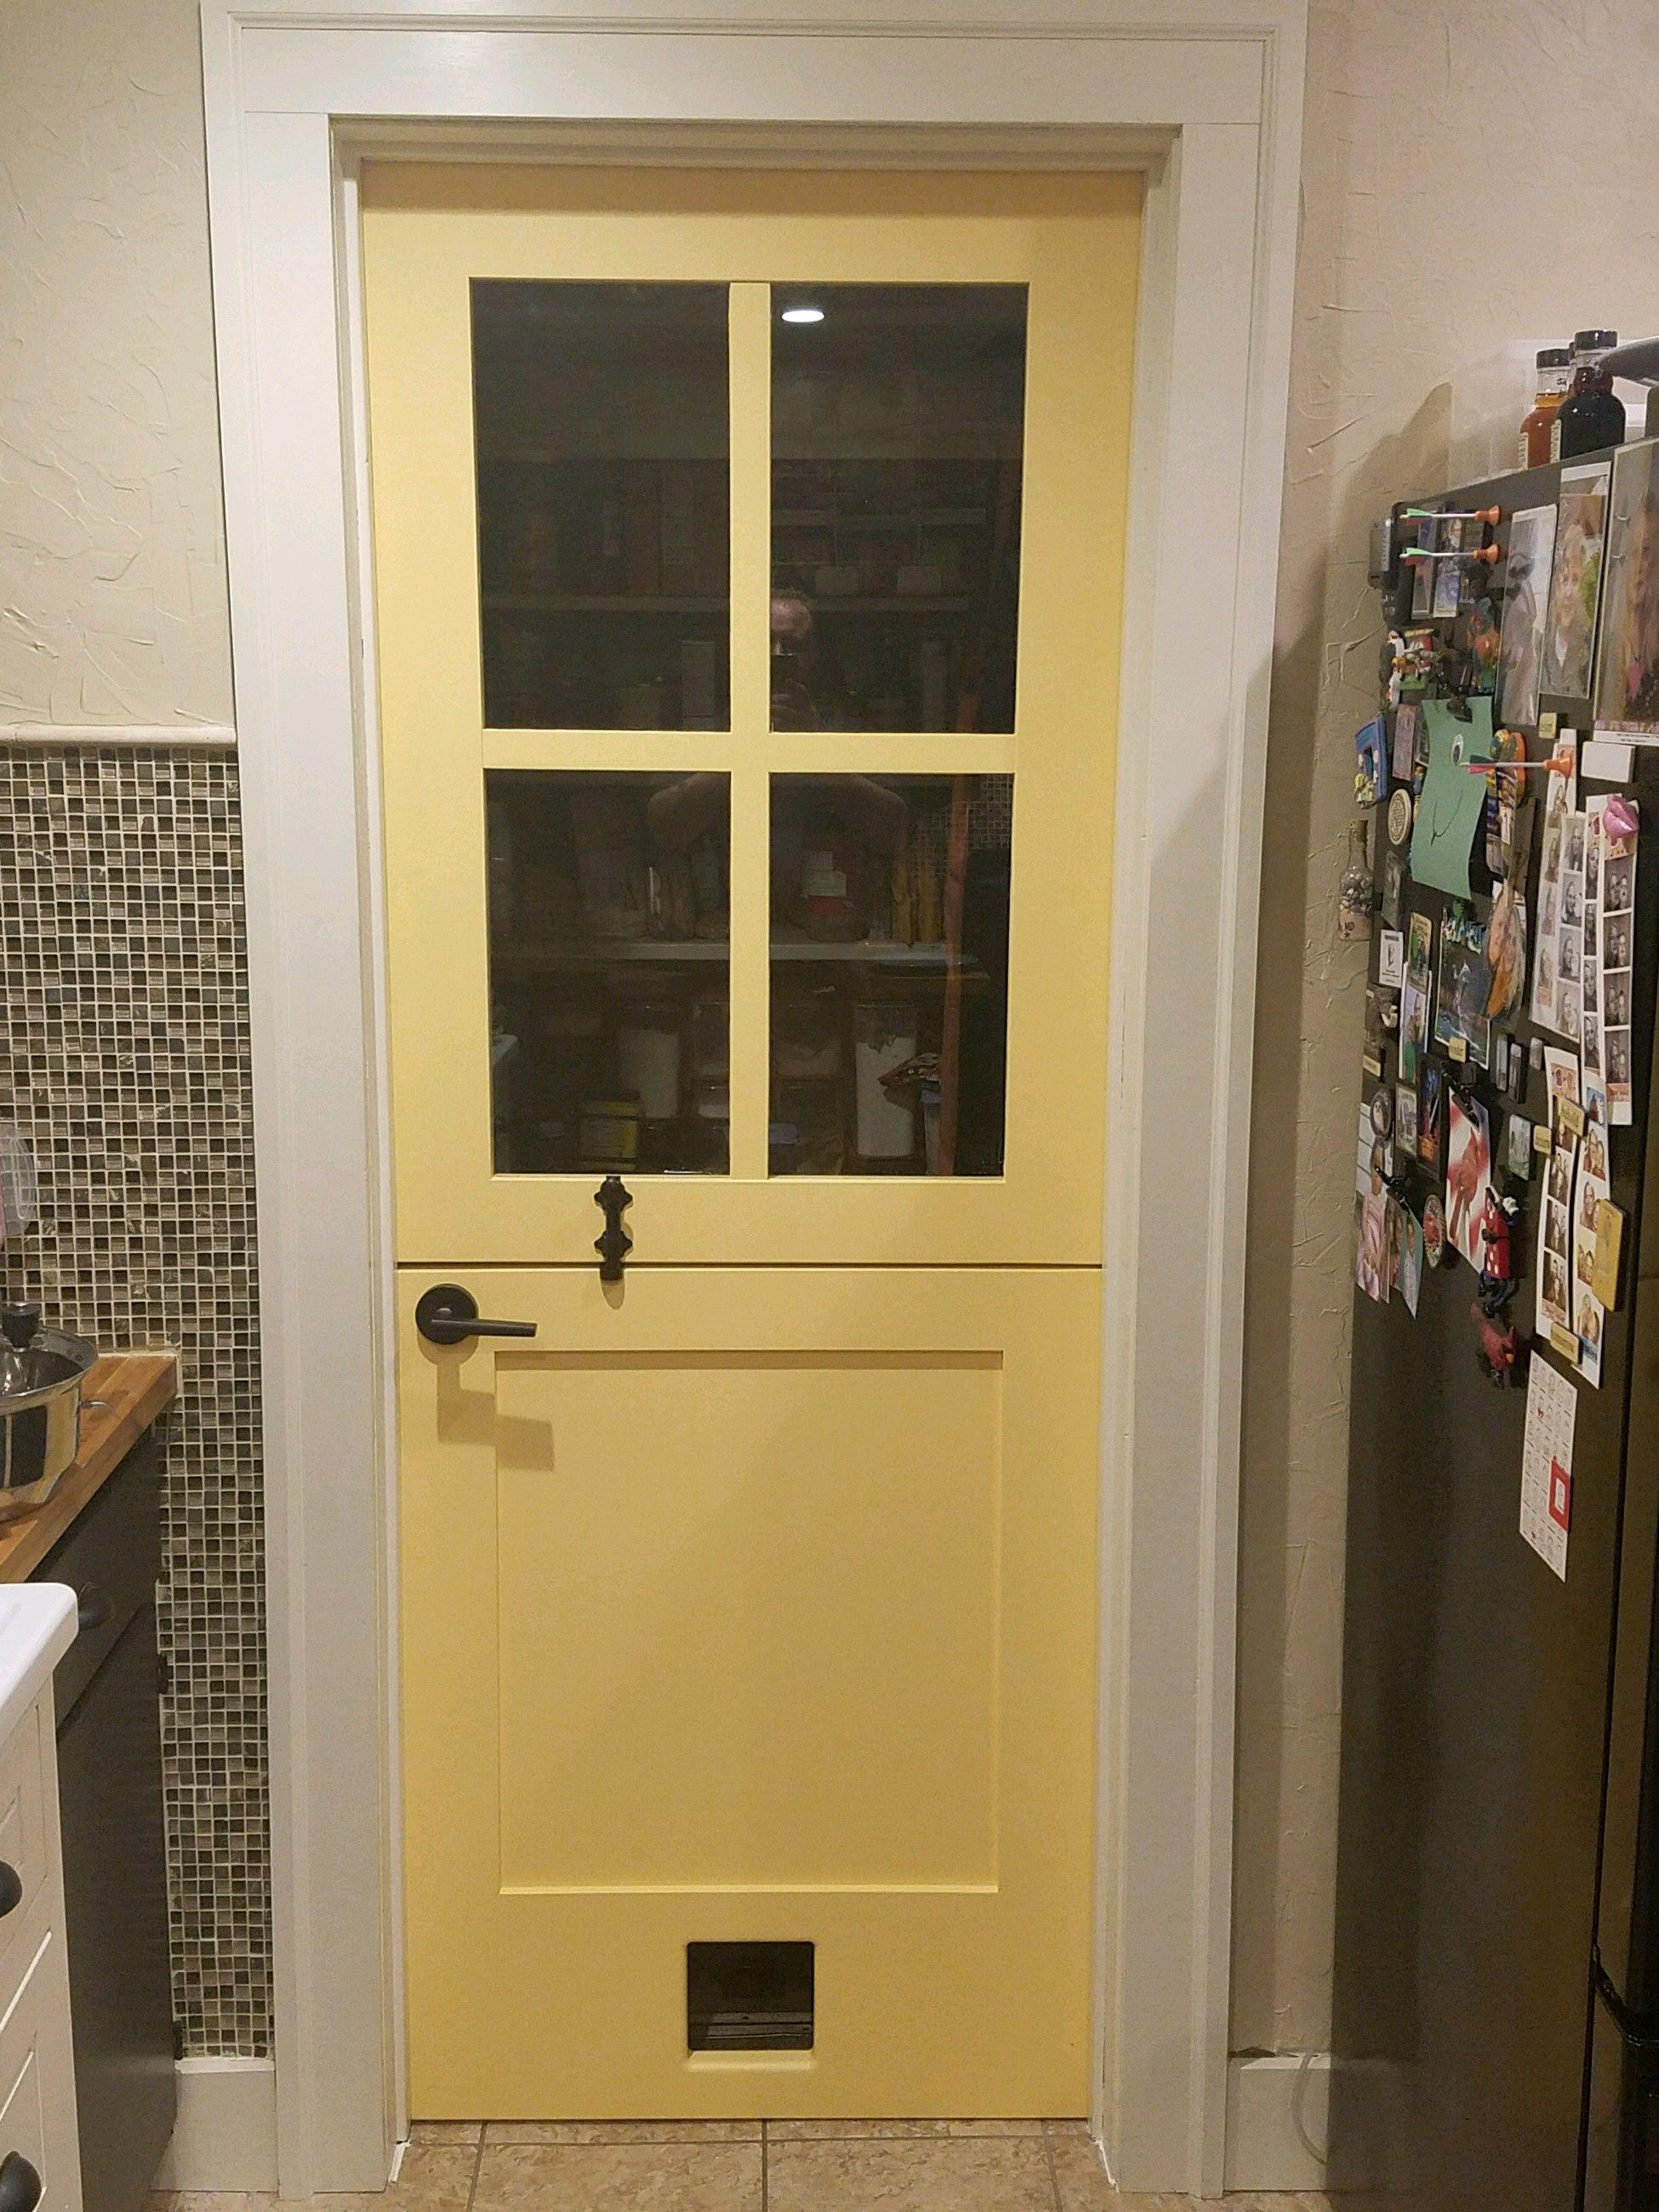 Custom Painted Poplar Dutch Door This Is A 1 3 8 X 32 X 80 4 Lite Over Panel Door Featuring A Cat Door In The Bo Custom Wood Doors Custom Paint Dutch Door